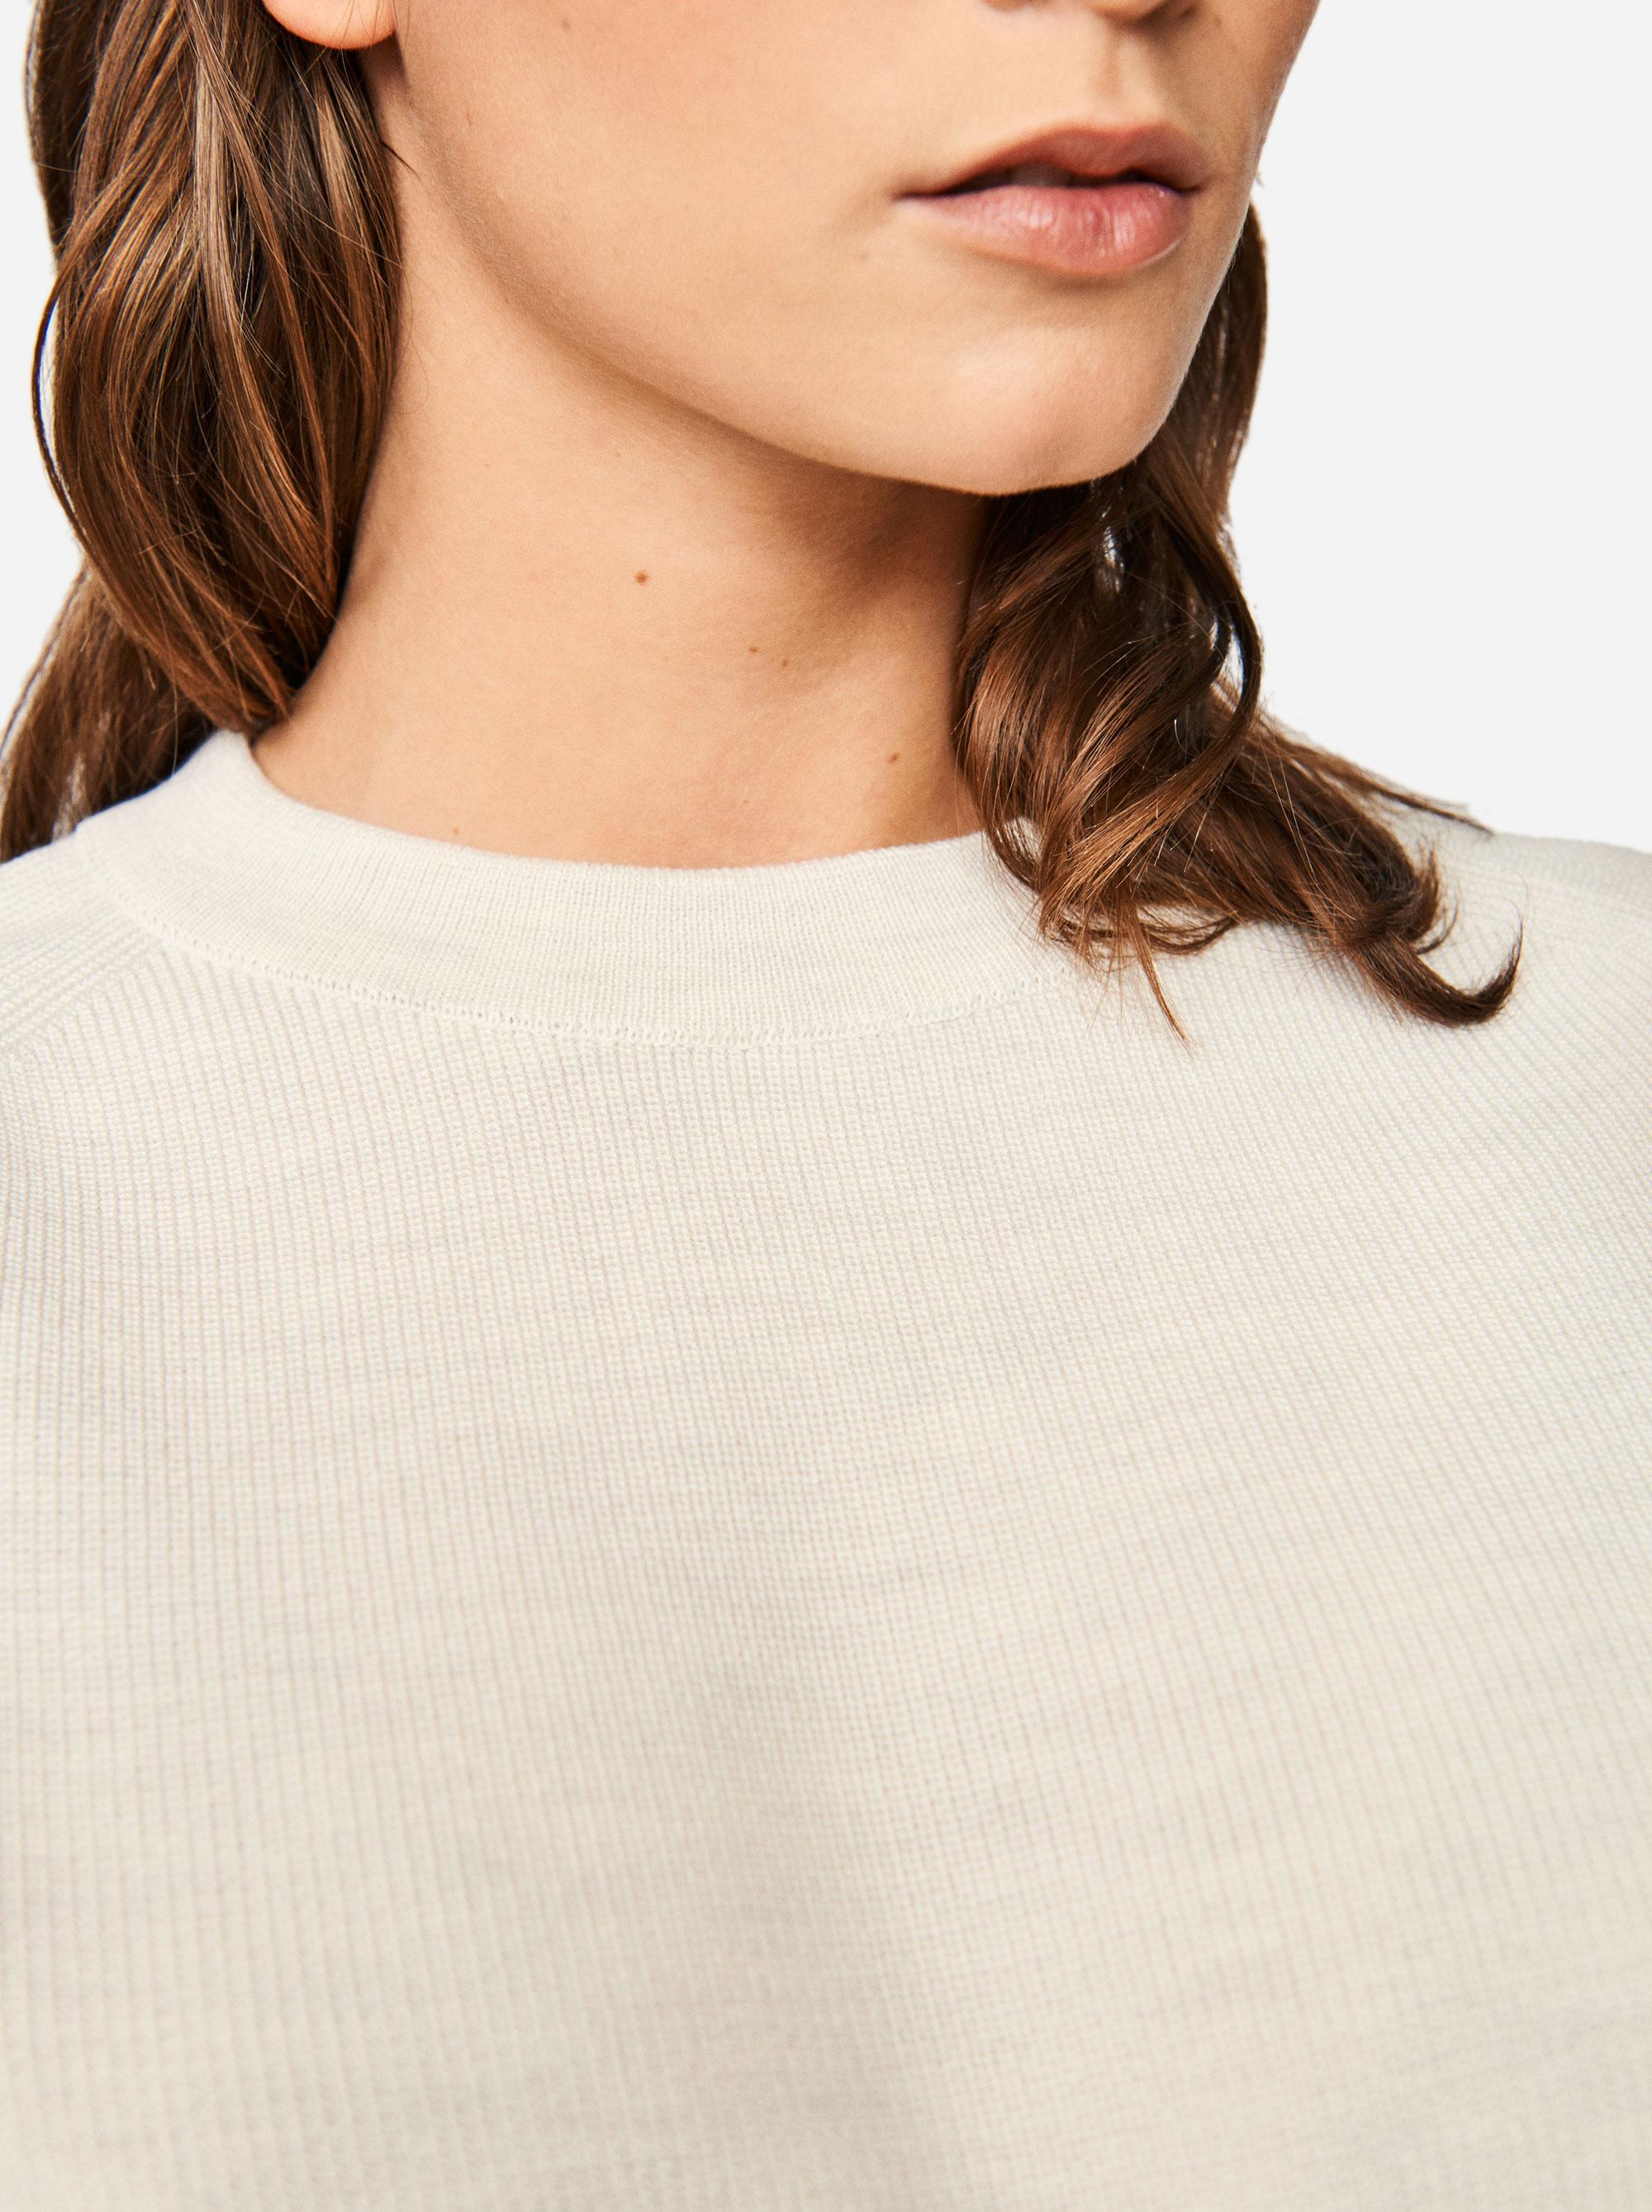 Teym - Crewneck - The Merino Sweater - Women - White - 3